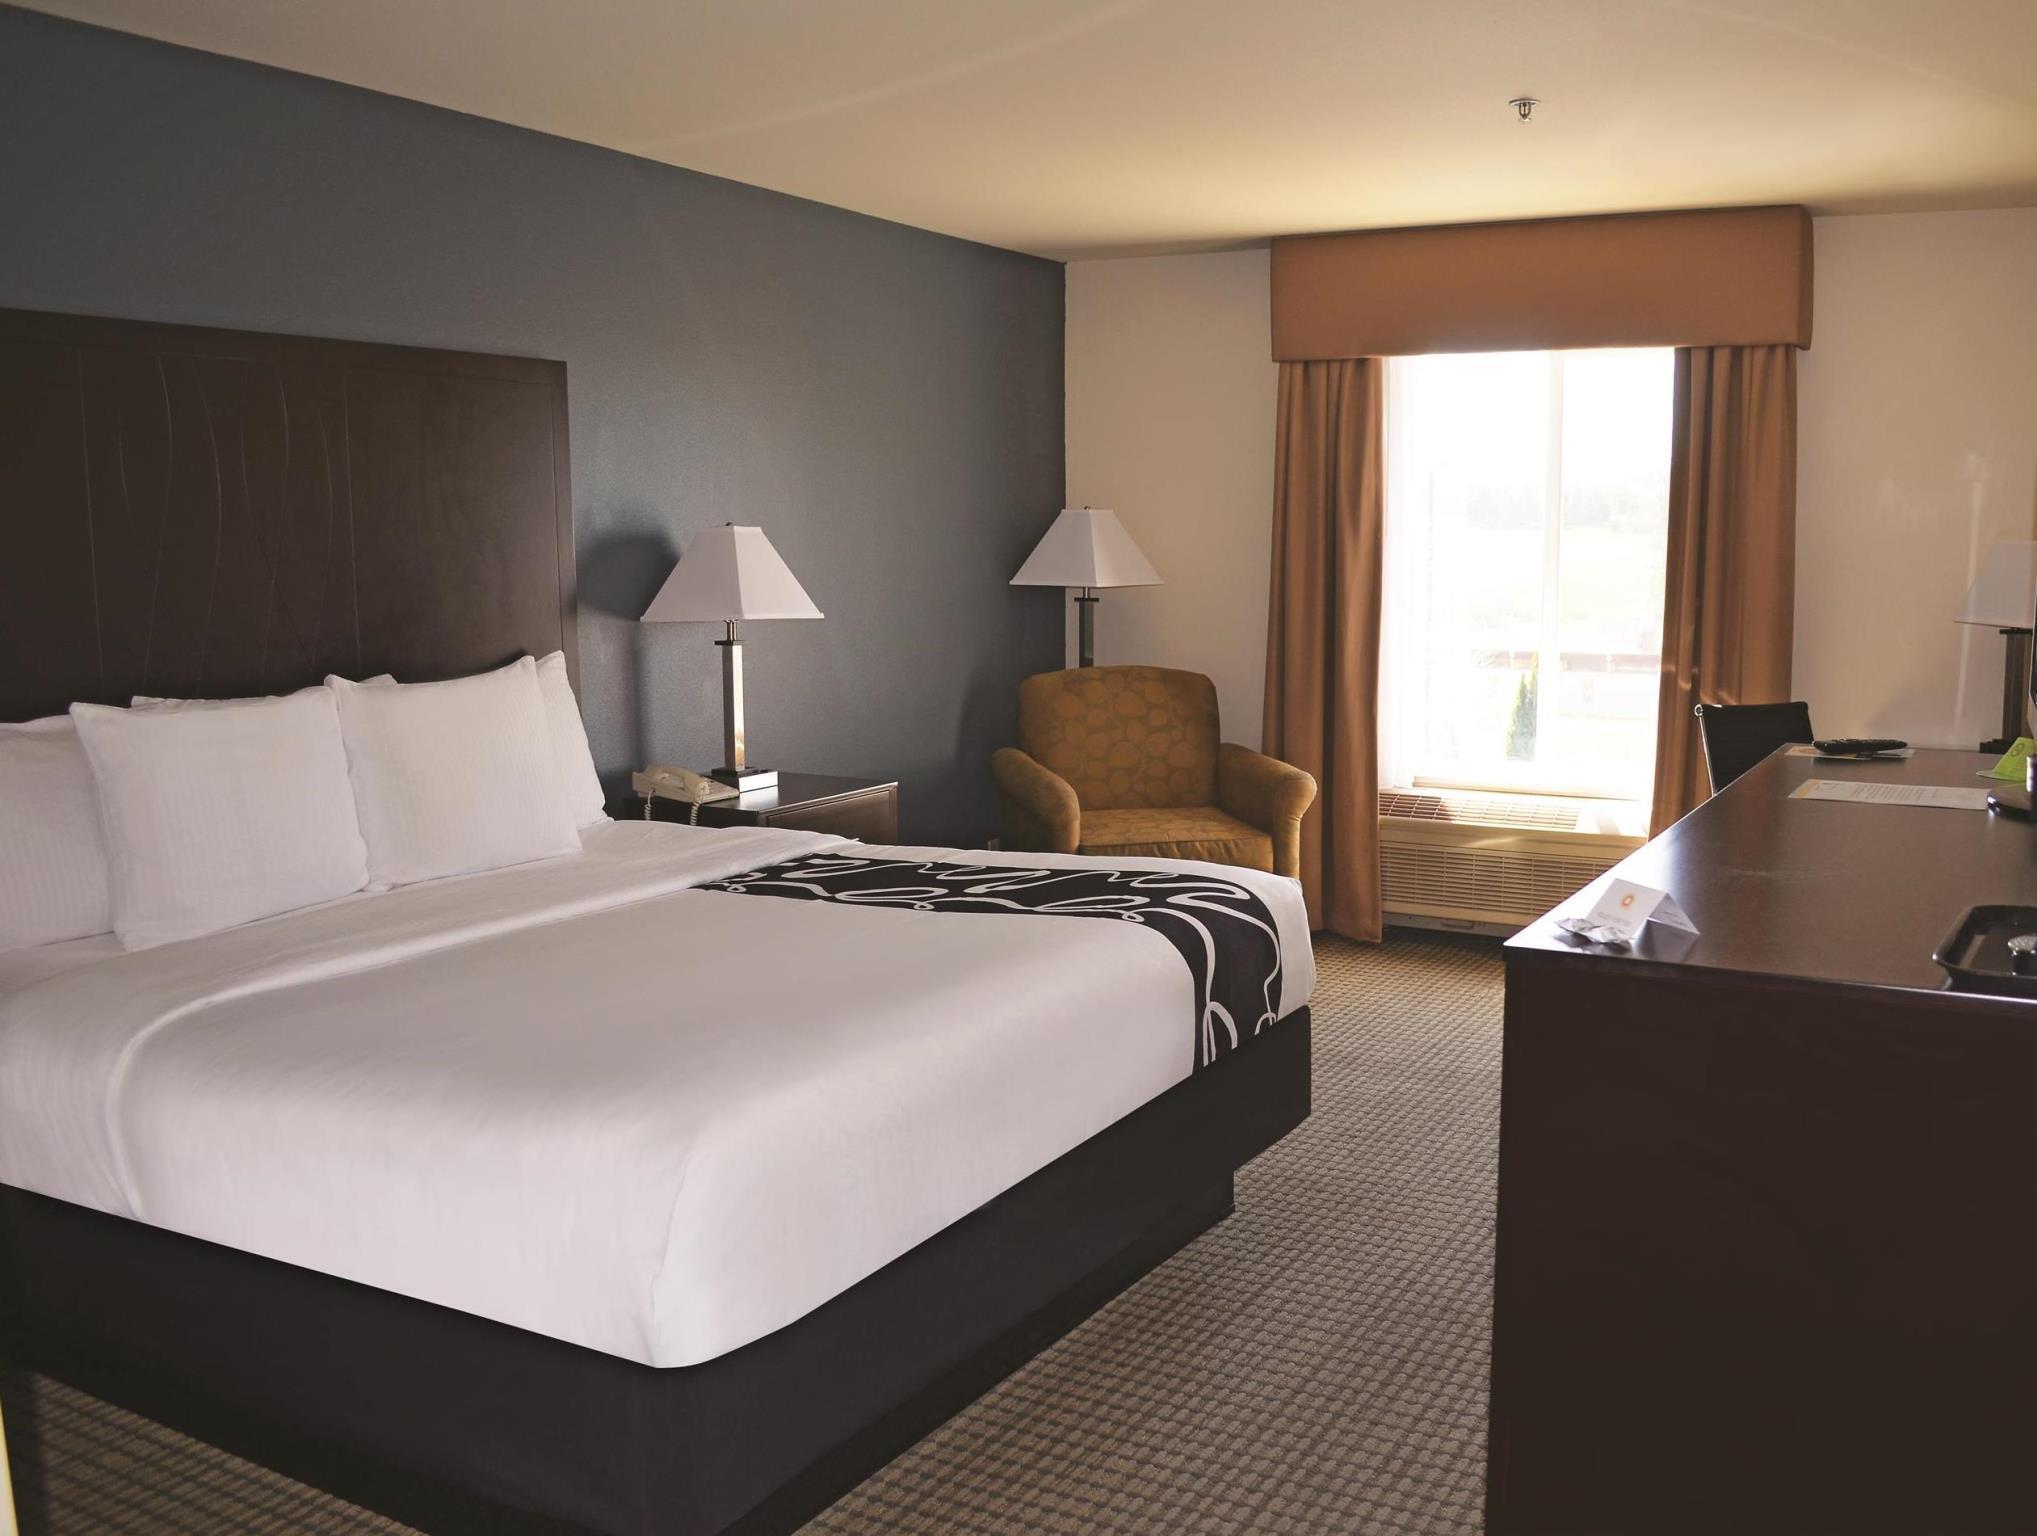 La Quinta Inn & Suites By Wyndham Moscow Pullman